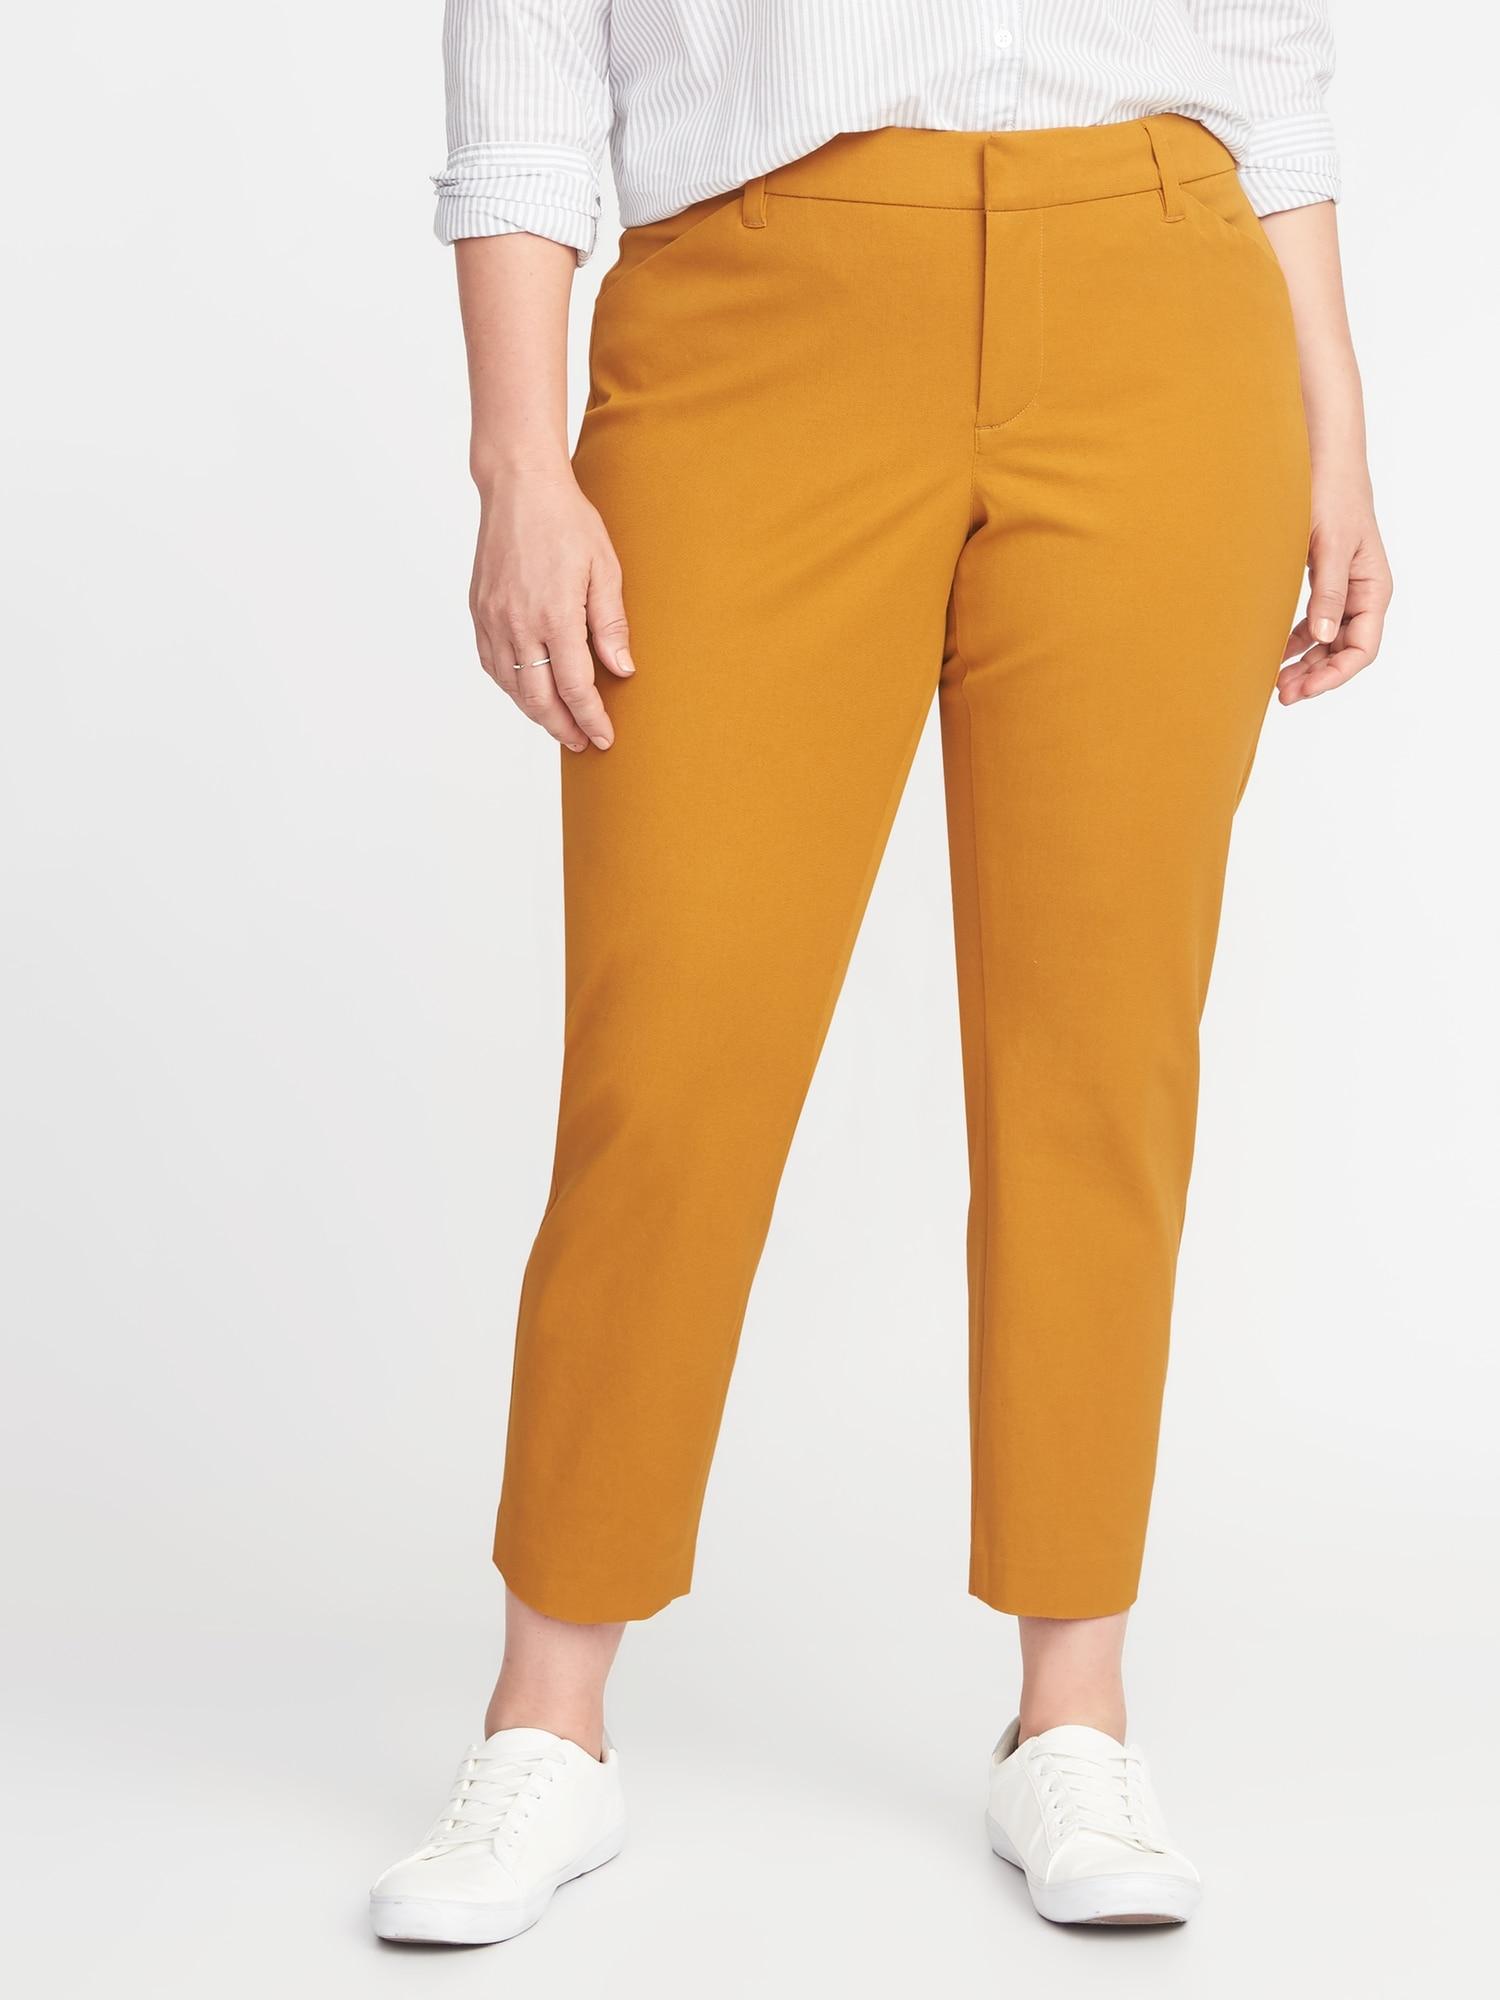 277ff19ef7c46 Mid-Rise Secret-Slim Pockets Plus-Size Pixie Ankle Pants